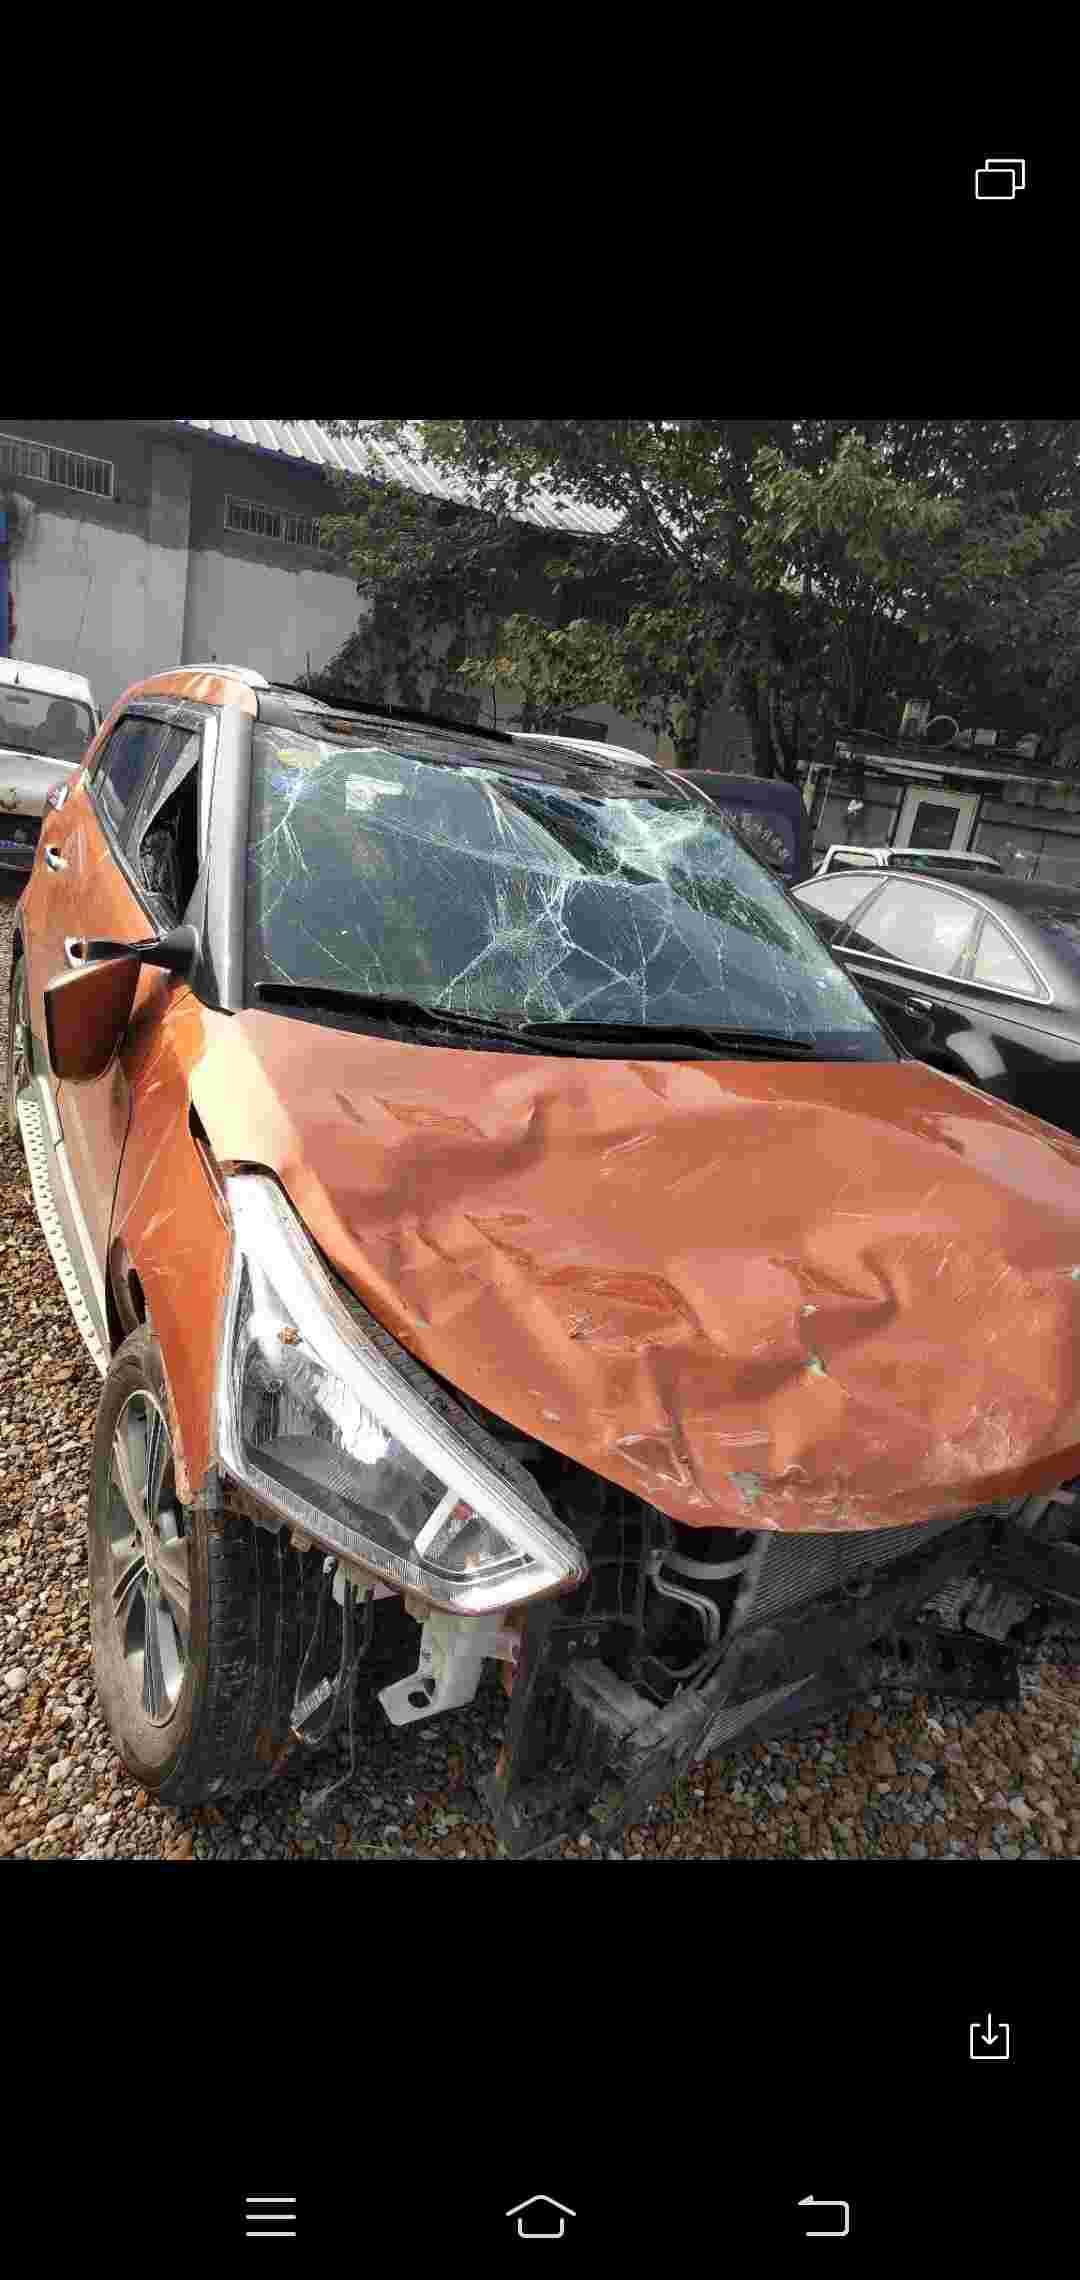 事故车4s店施救造成二次损伤拒不承担责任!